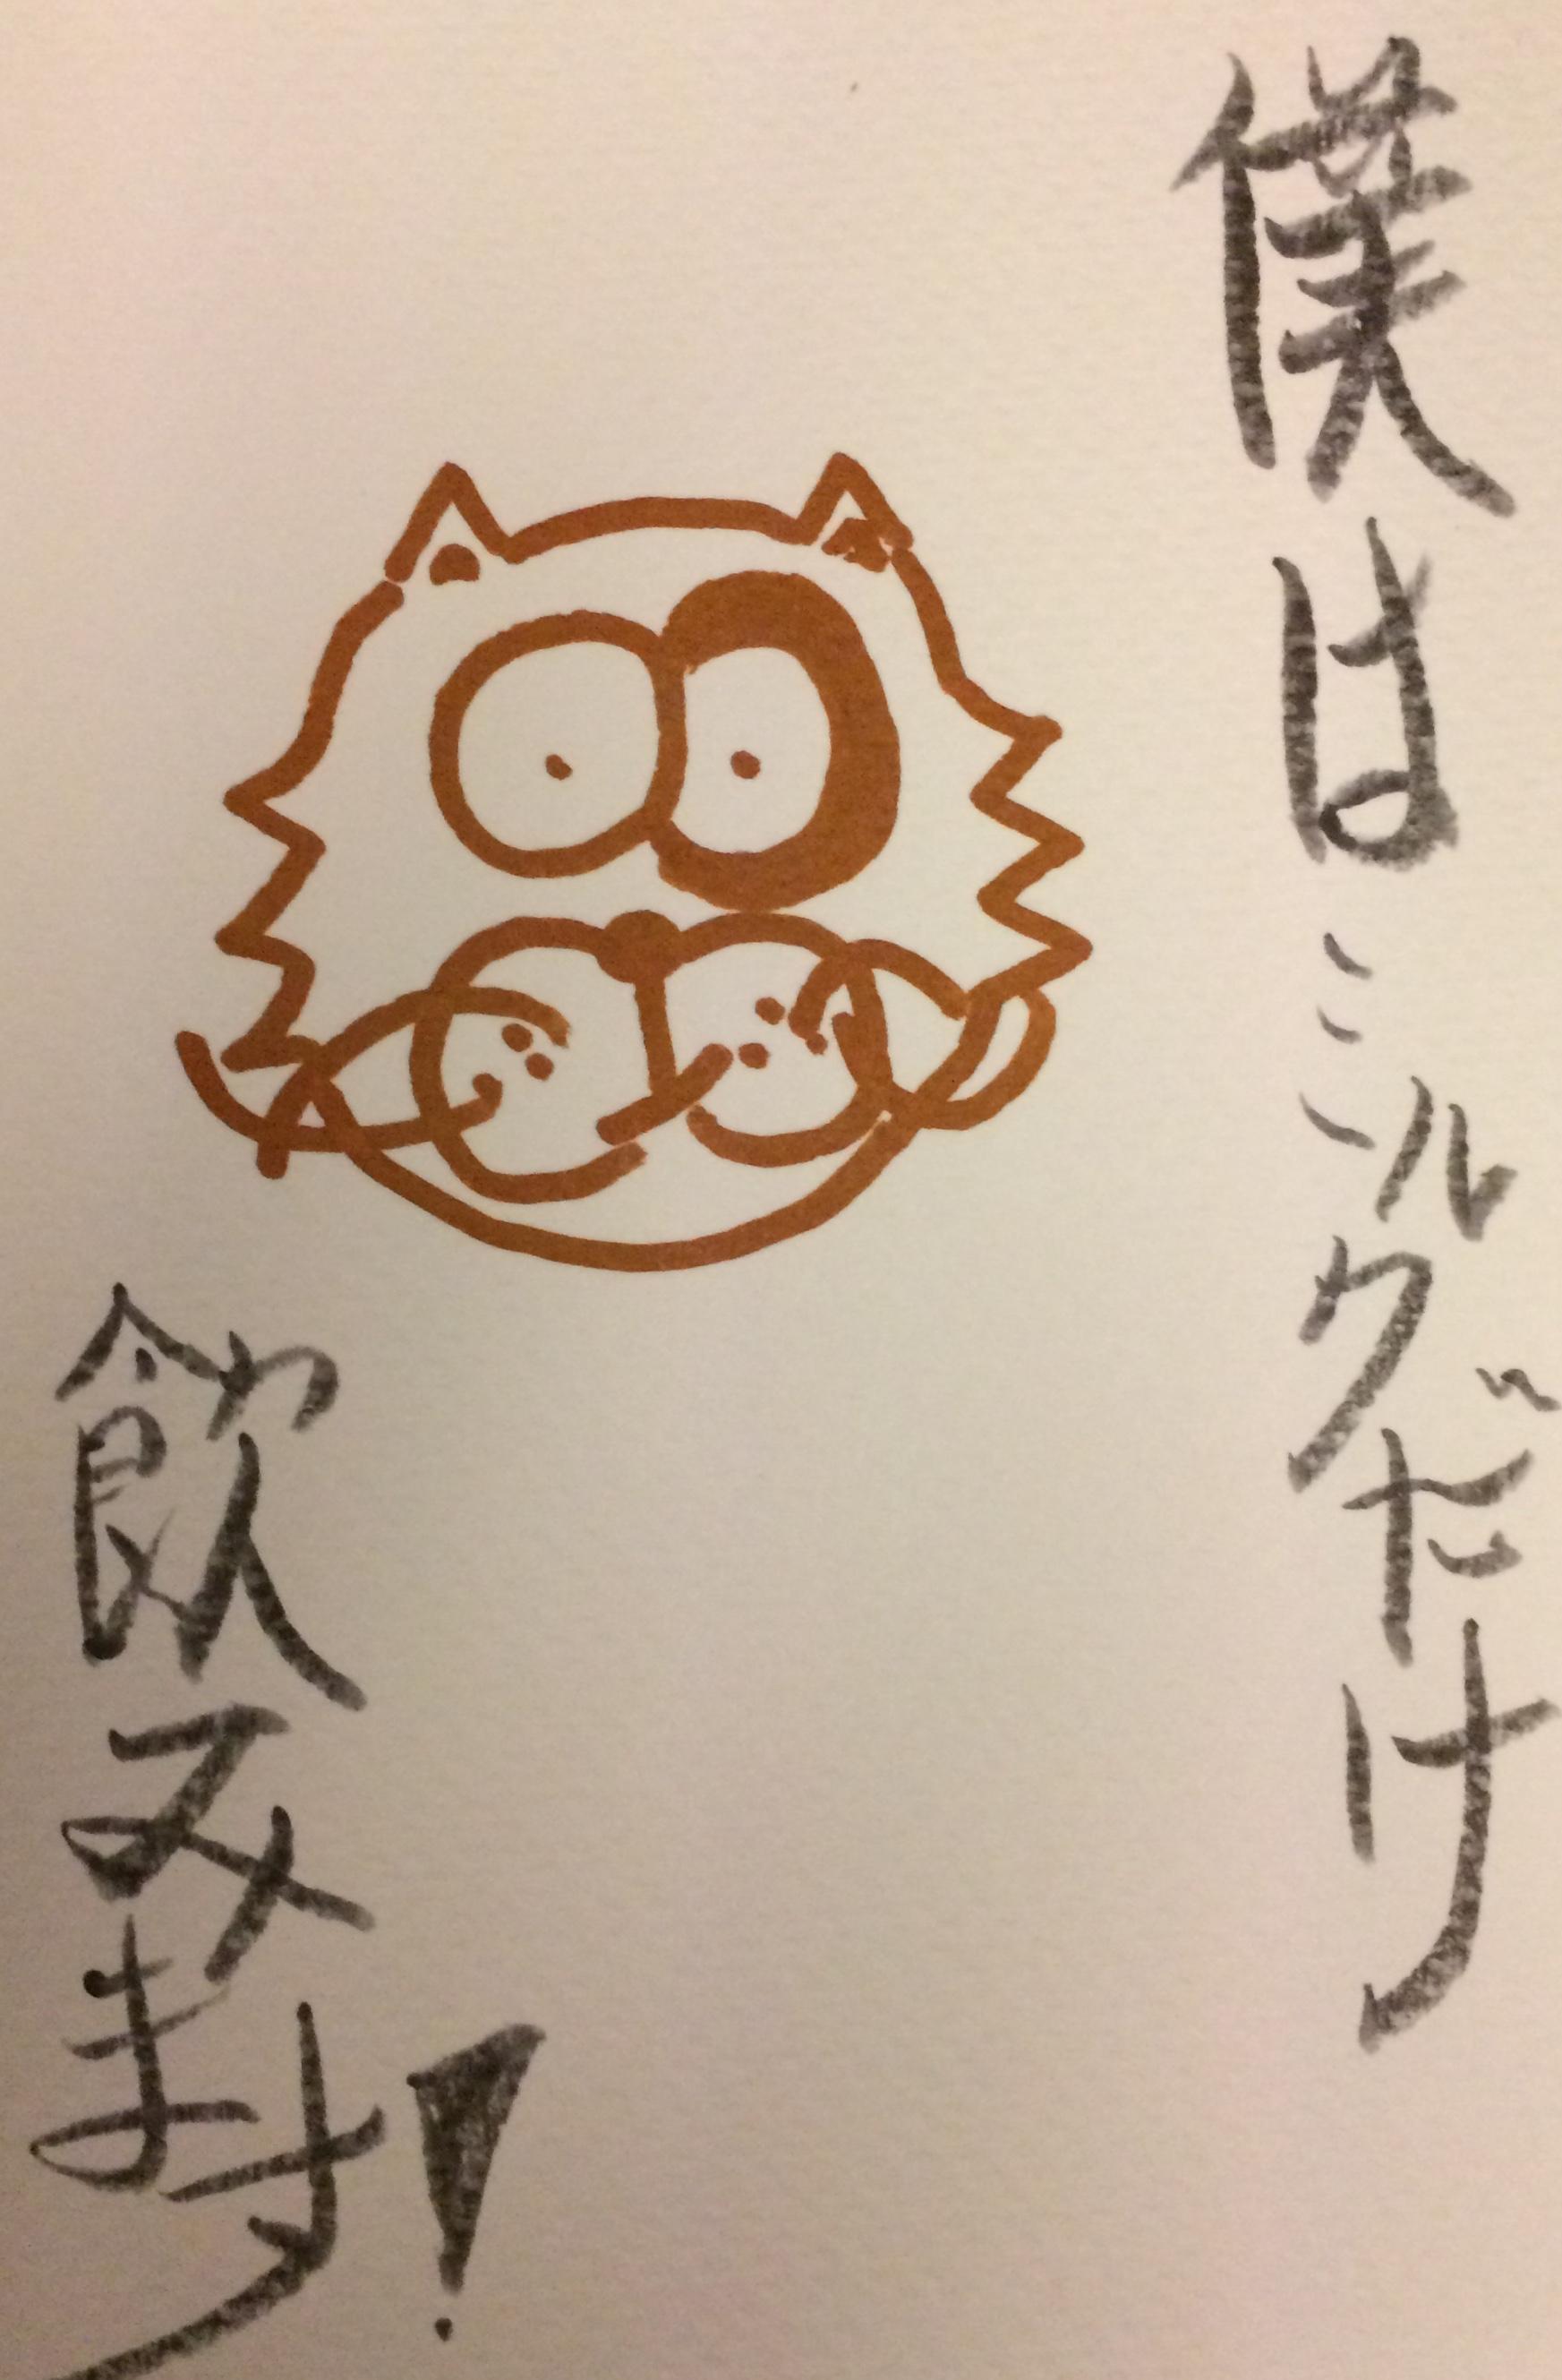 僕はミルクだけ飲みます かわいい ドイツ語 仔猫 描く コミックス comics kitten kätzchen drawing ink